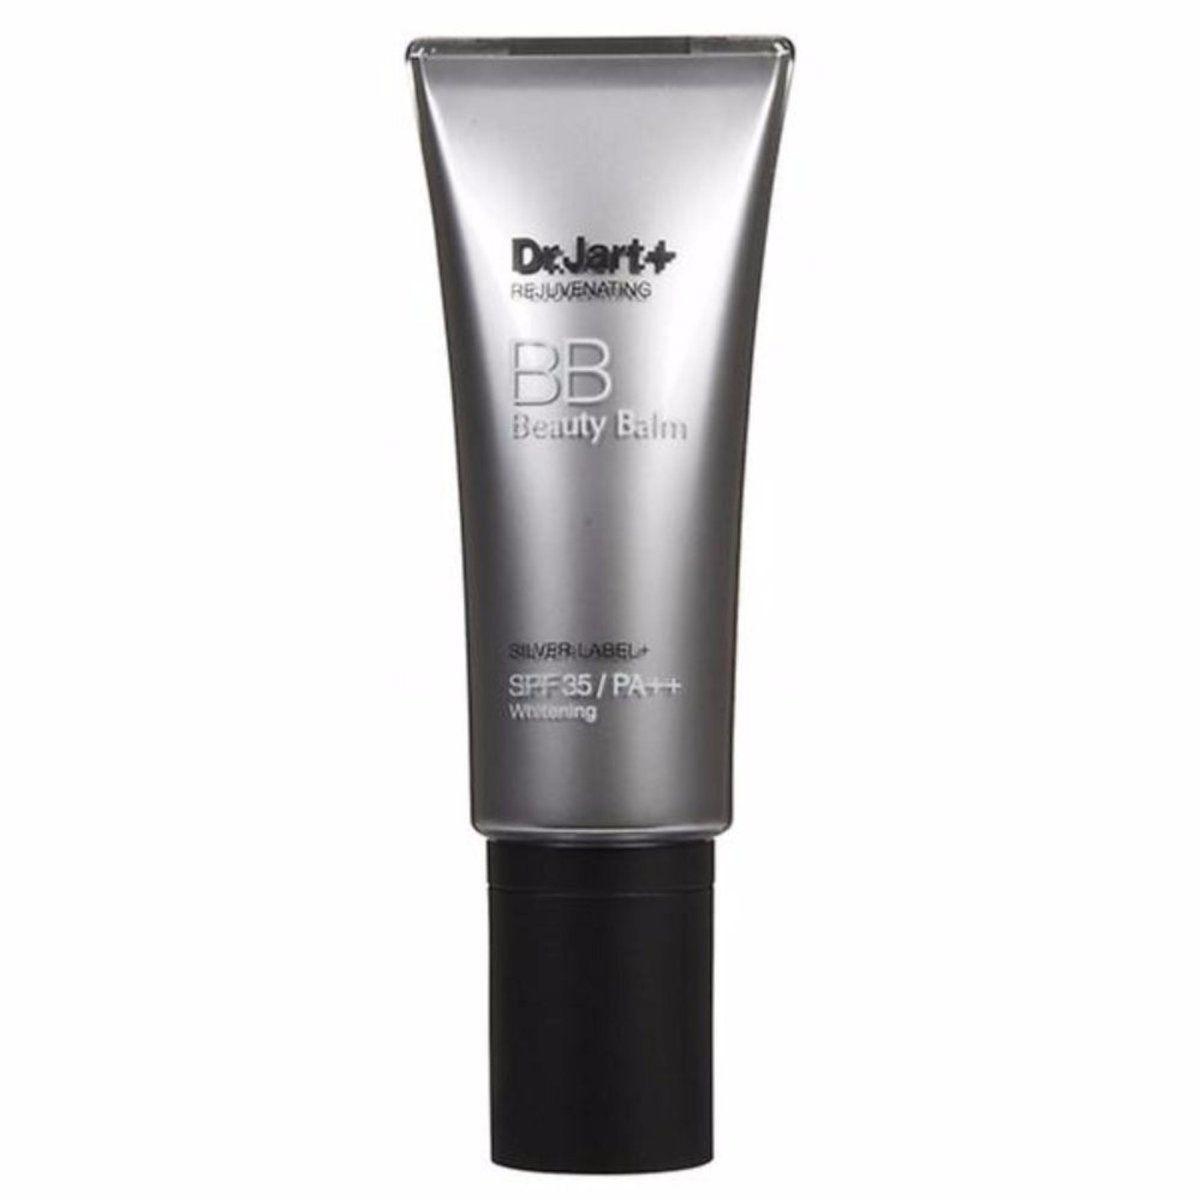 Dr. Jart + Verjüngende BB Creme SPF35 PA + + 40 ml Gesicht Make-Up CC Creme Bleaching Concealer Foundation Befeuchten Koreanische kosmetik